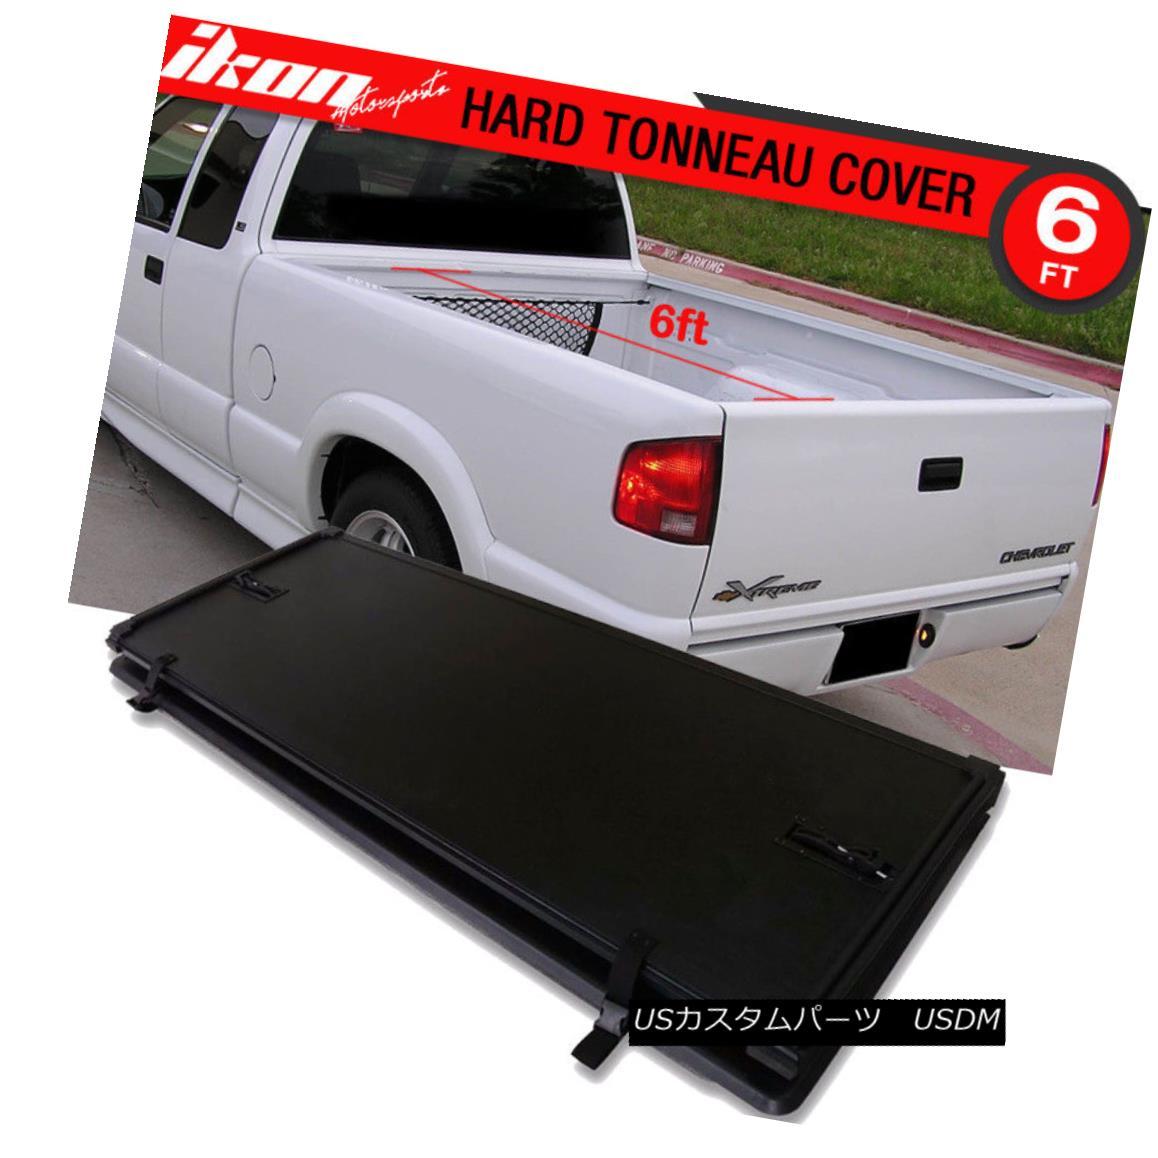 エアロパーツ Fits 94-04 Chevrolet S10 GMC S15 72in Bed Tri-Fold Hard Solid Tonneau Cover フィット94-04シボレーS10 GMC S15 72インチベッドトライフォールドハードソリッドトノーカバー